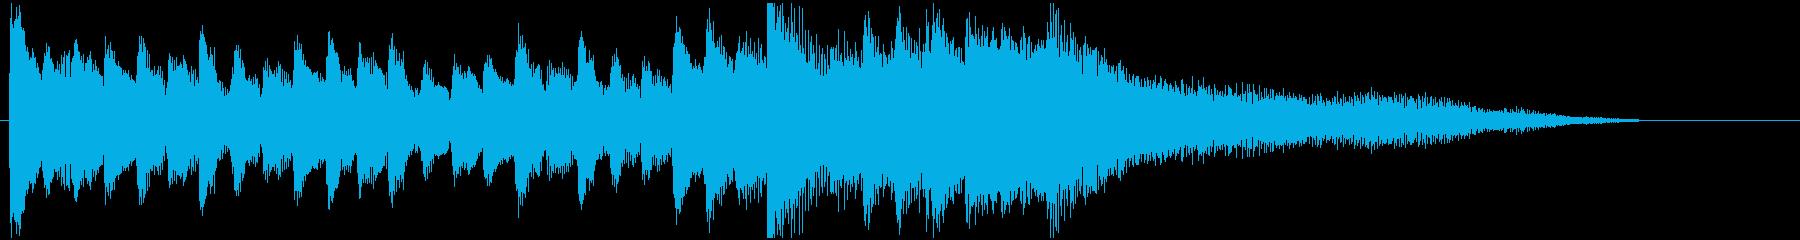 ピアノとベルとウインドチャイムのジングルの再生済みの波形